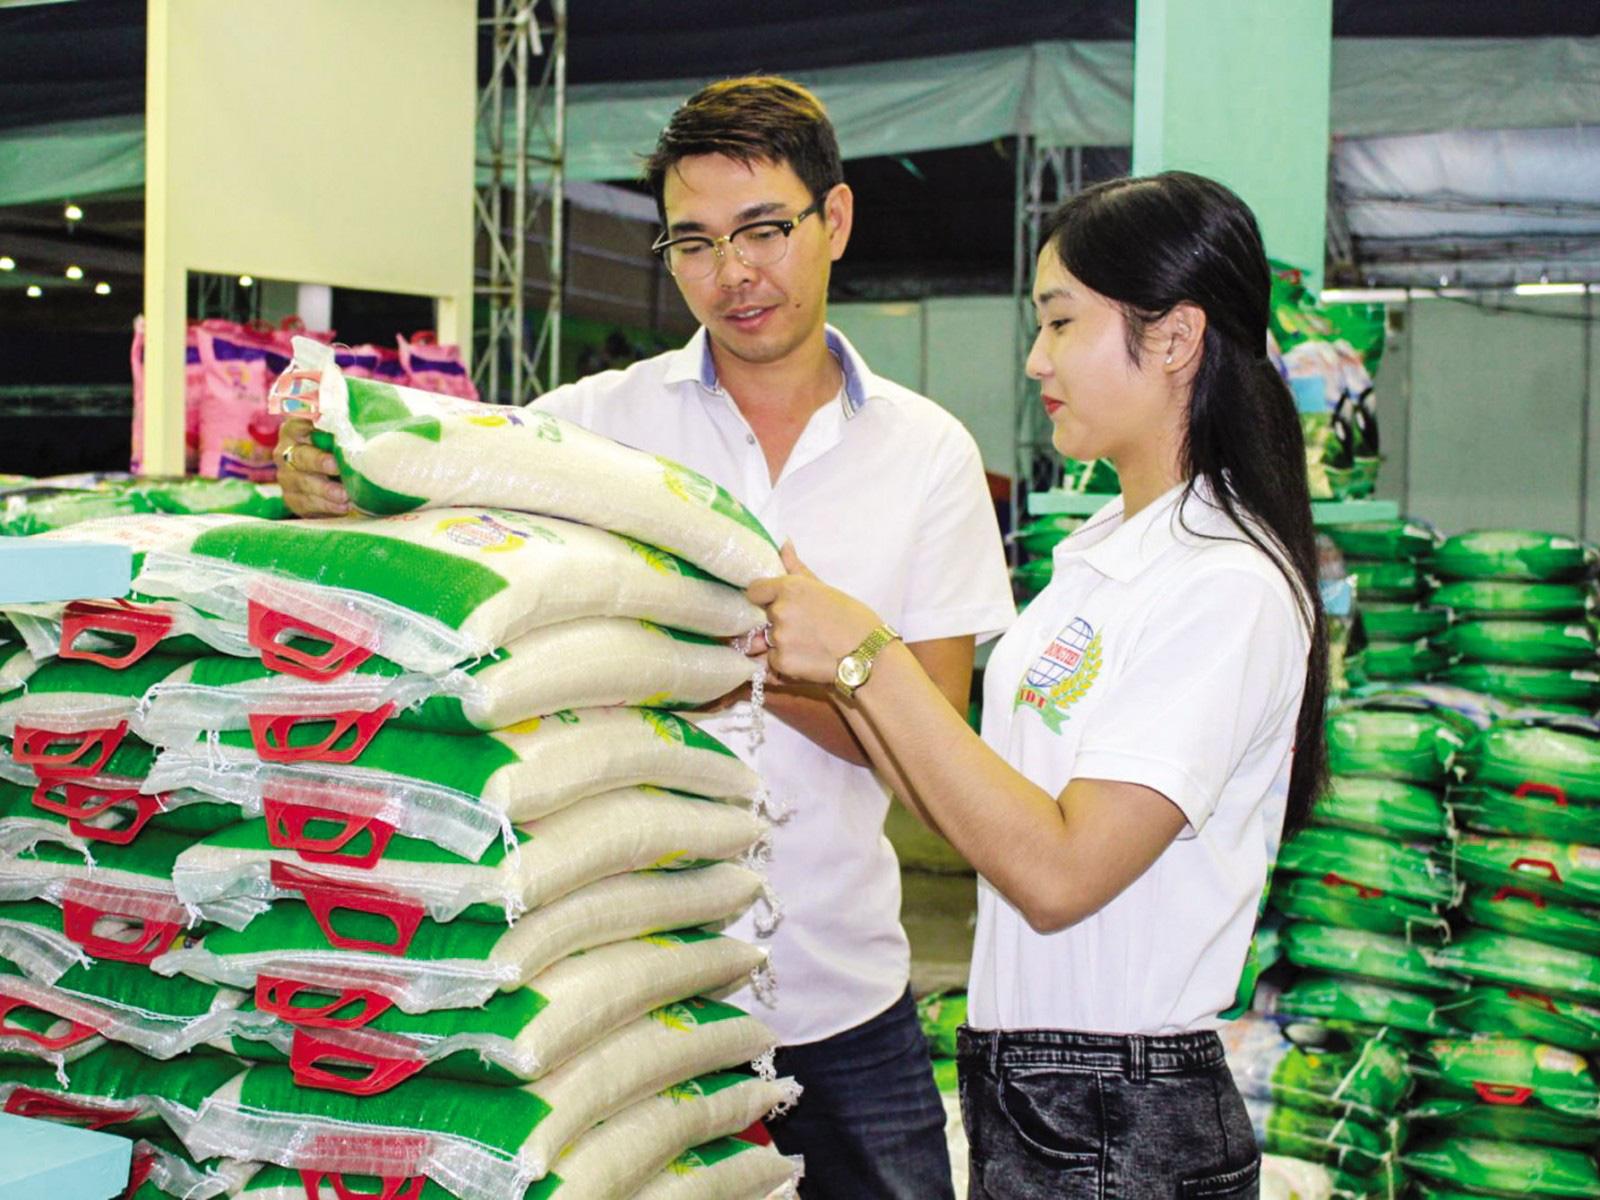 Người Hà Nội ăn hết bao nhiêu gạo mỗi năm? - Ảnh 1.